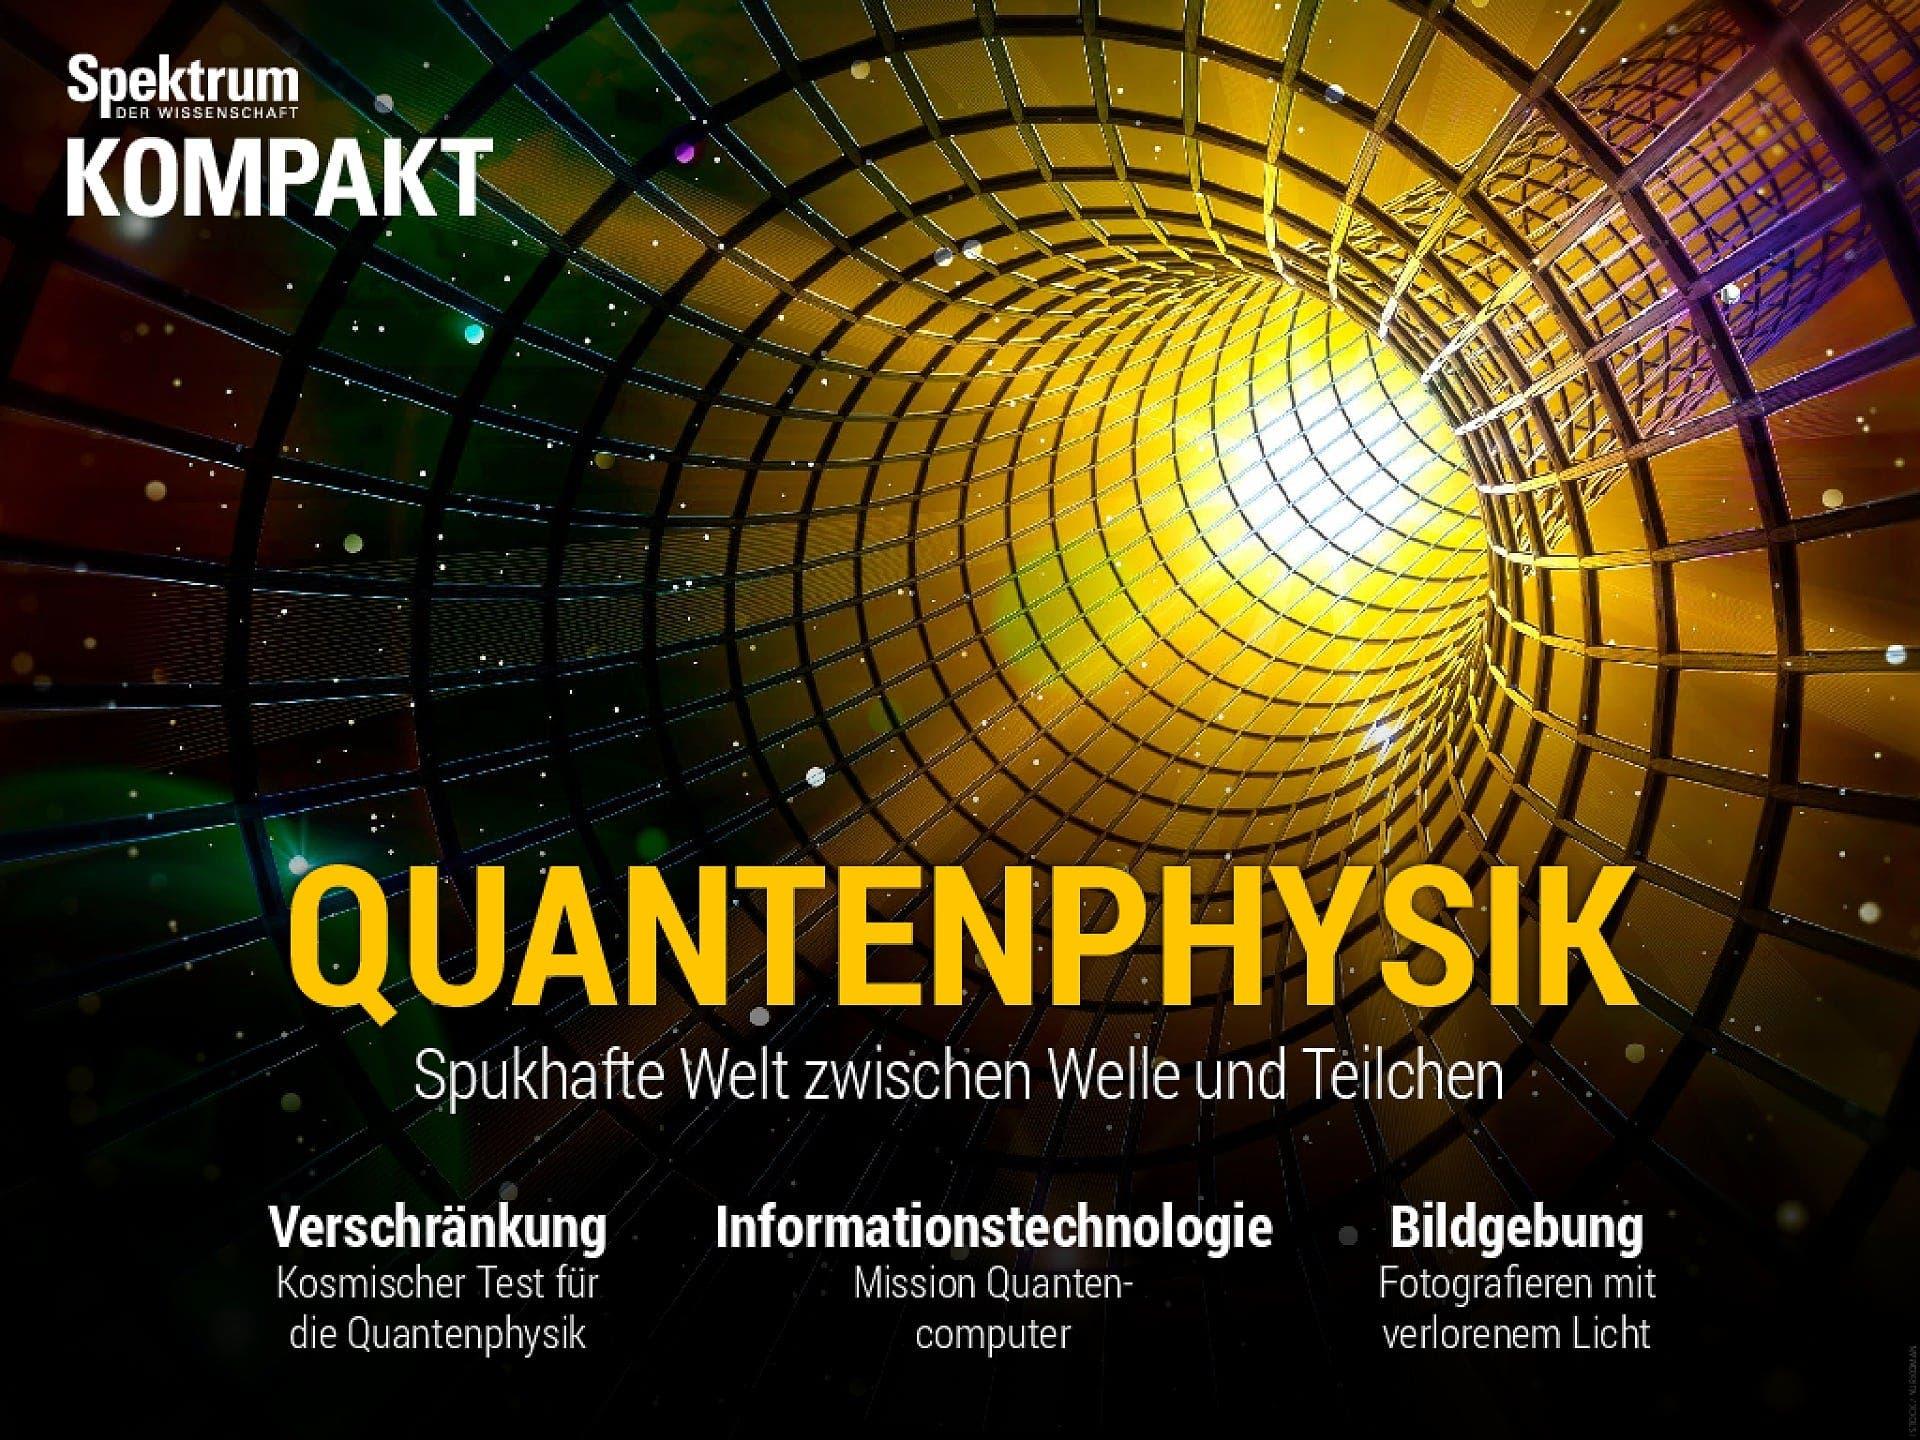 Quantenphysik - Spukhafte Welt zwischen Welle und Teilchen